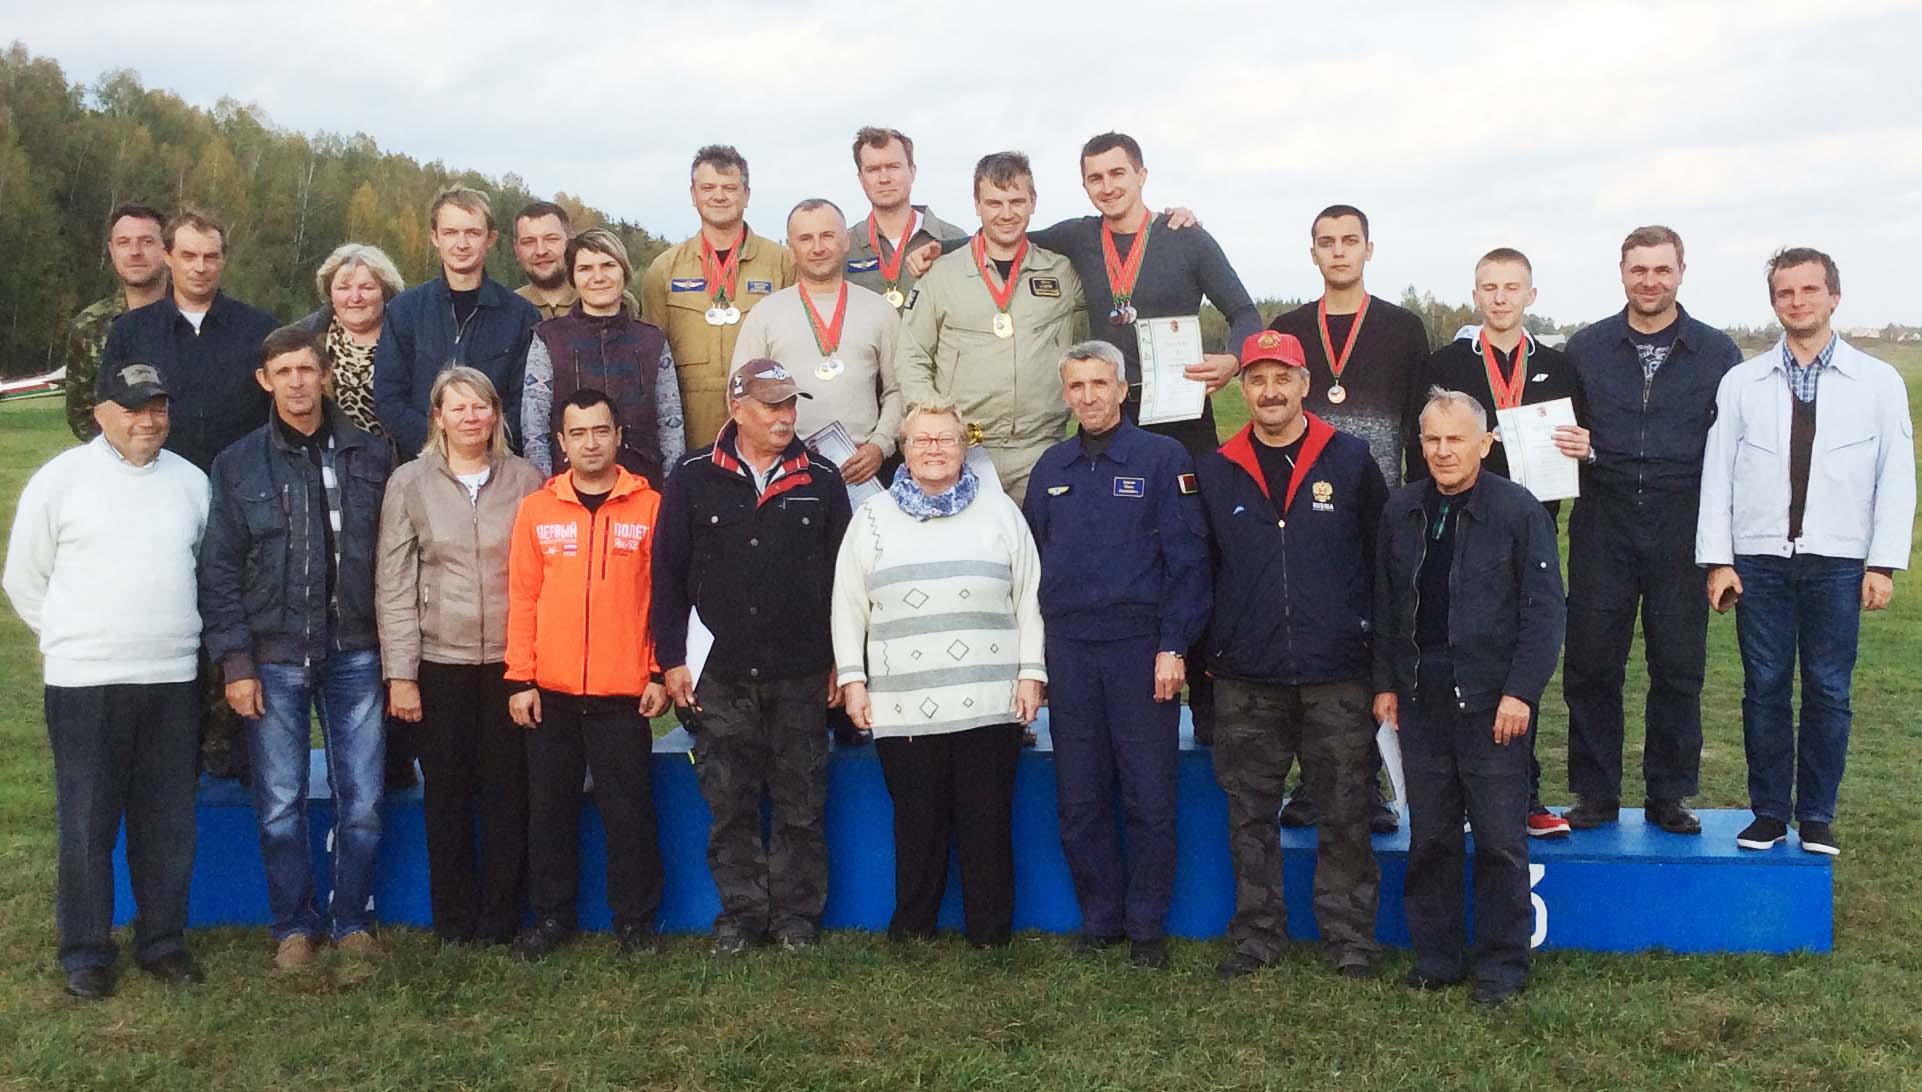 3-uchastniki-i-organizatory-otkrytogo-chempionata-respubliki-belarus-po-samoletnomu-sportu-v-mogilyovskom-aeroklube-dosaaf